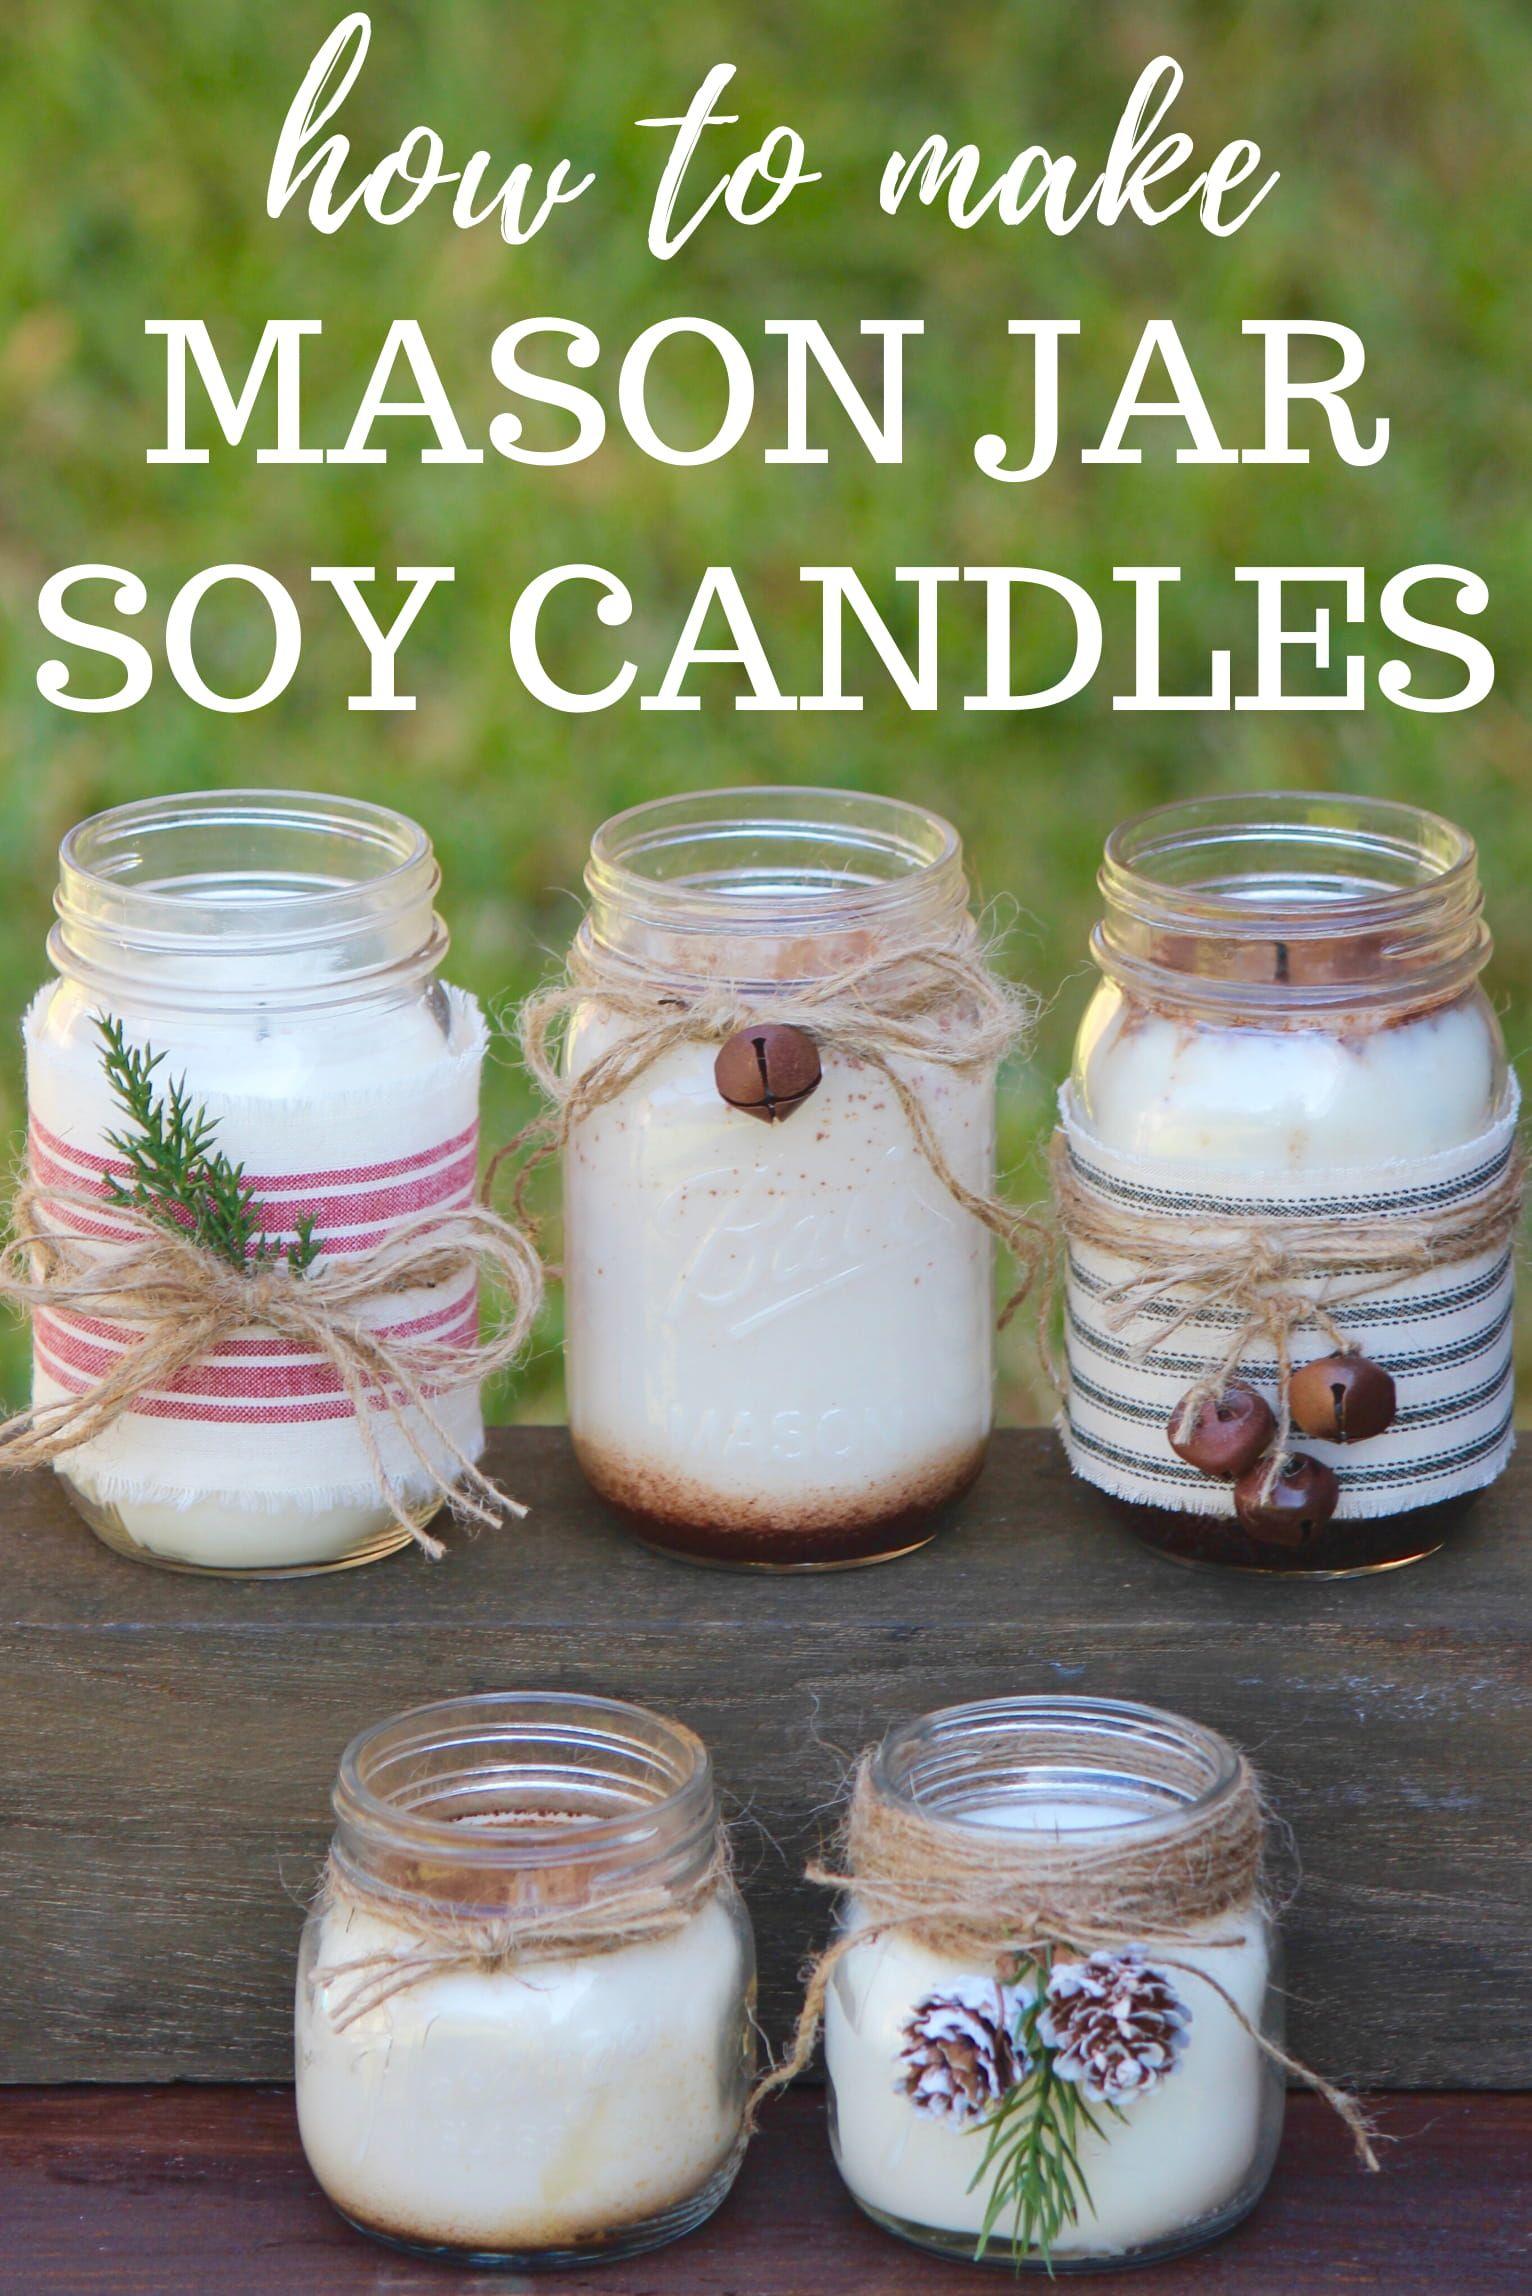 Diy Mason Jar Soy Candles Easy Mason Jar Crafts Diy Candle Diy Mason Jar Mason Jar Diy